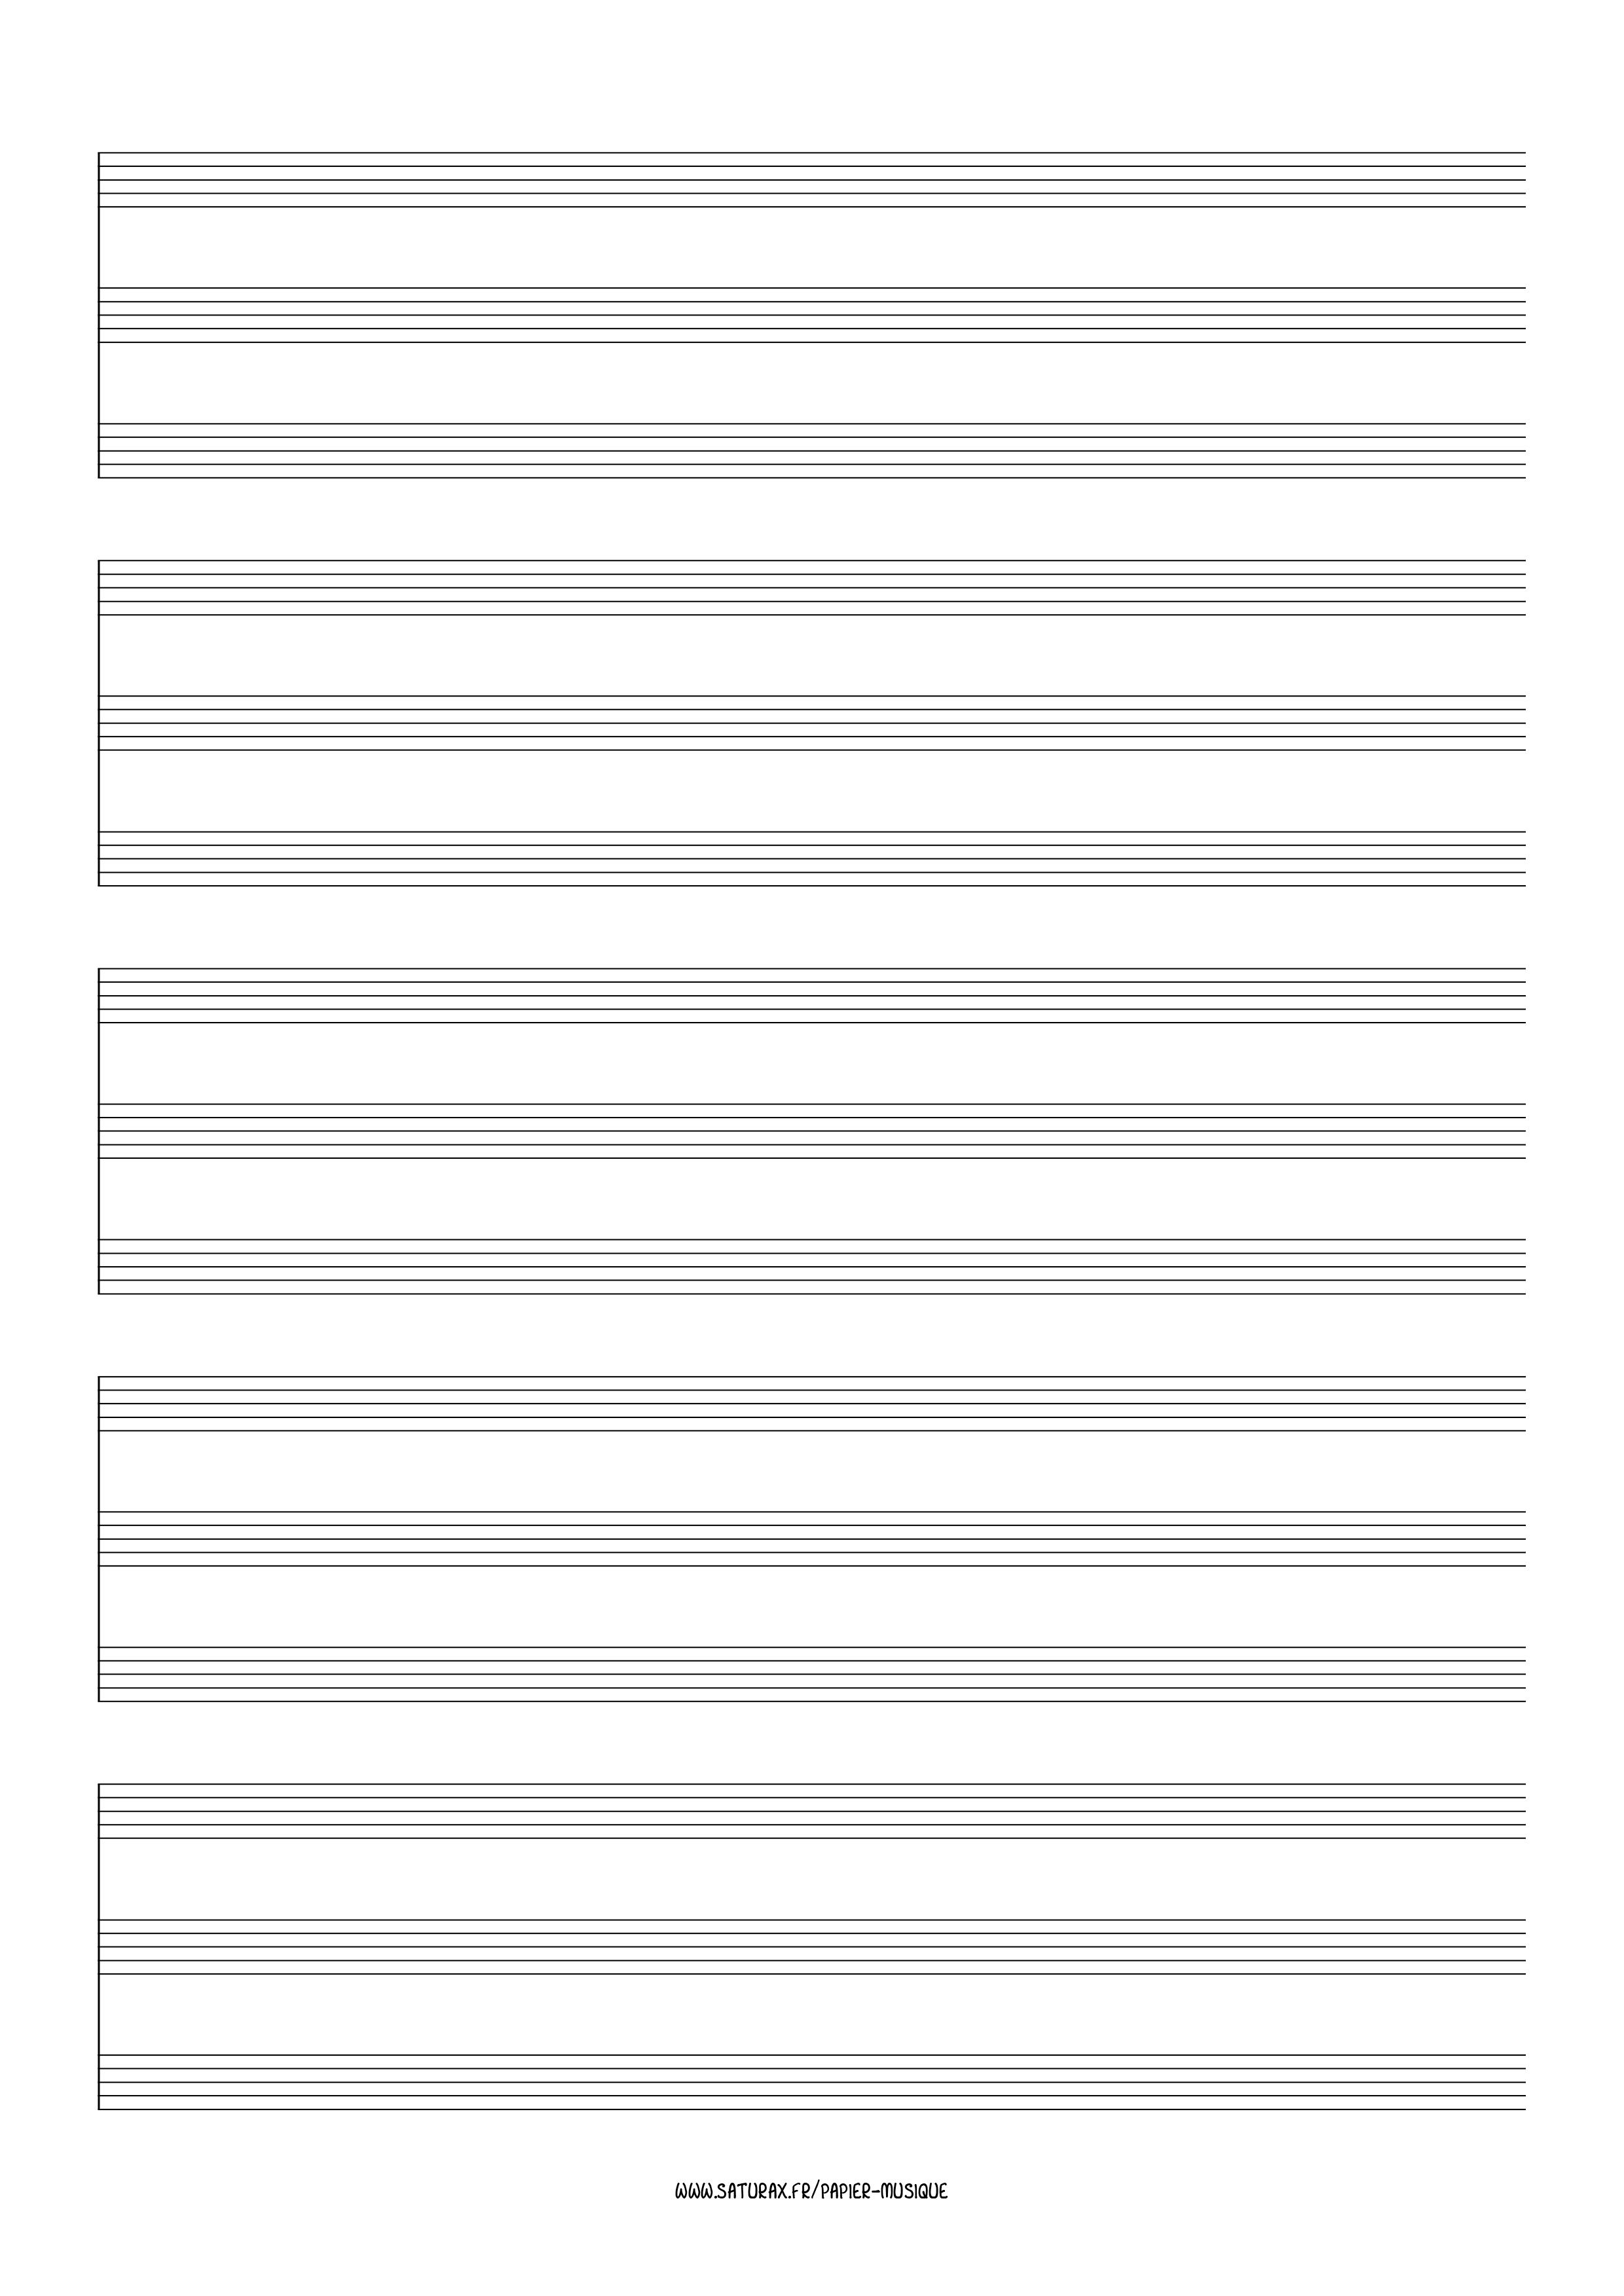 papier musique gratuit download pdf trio